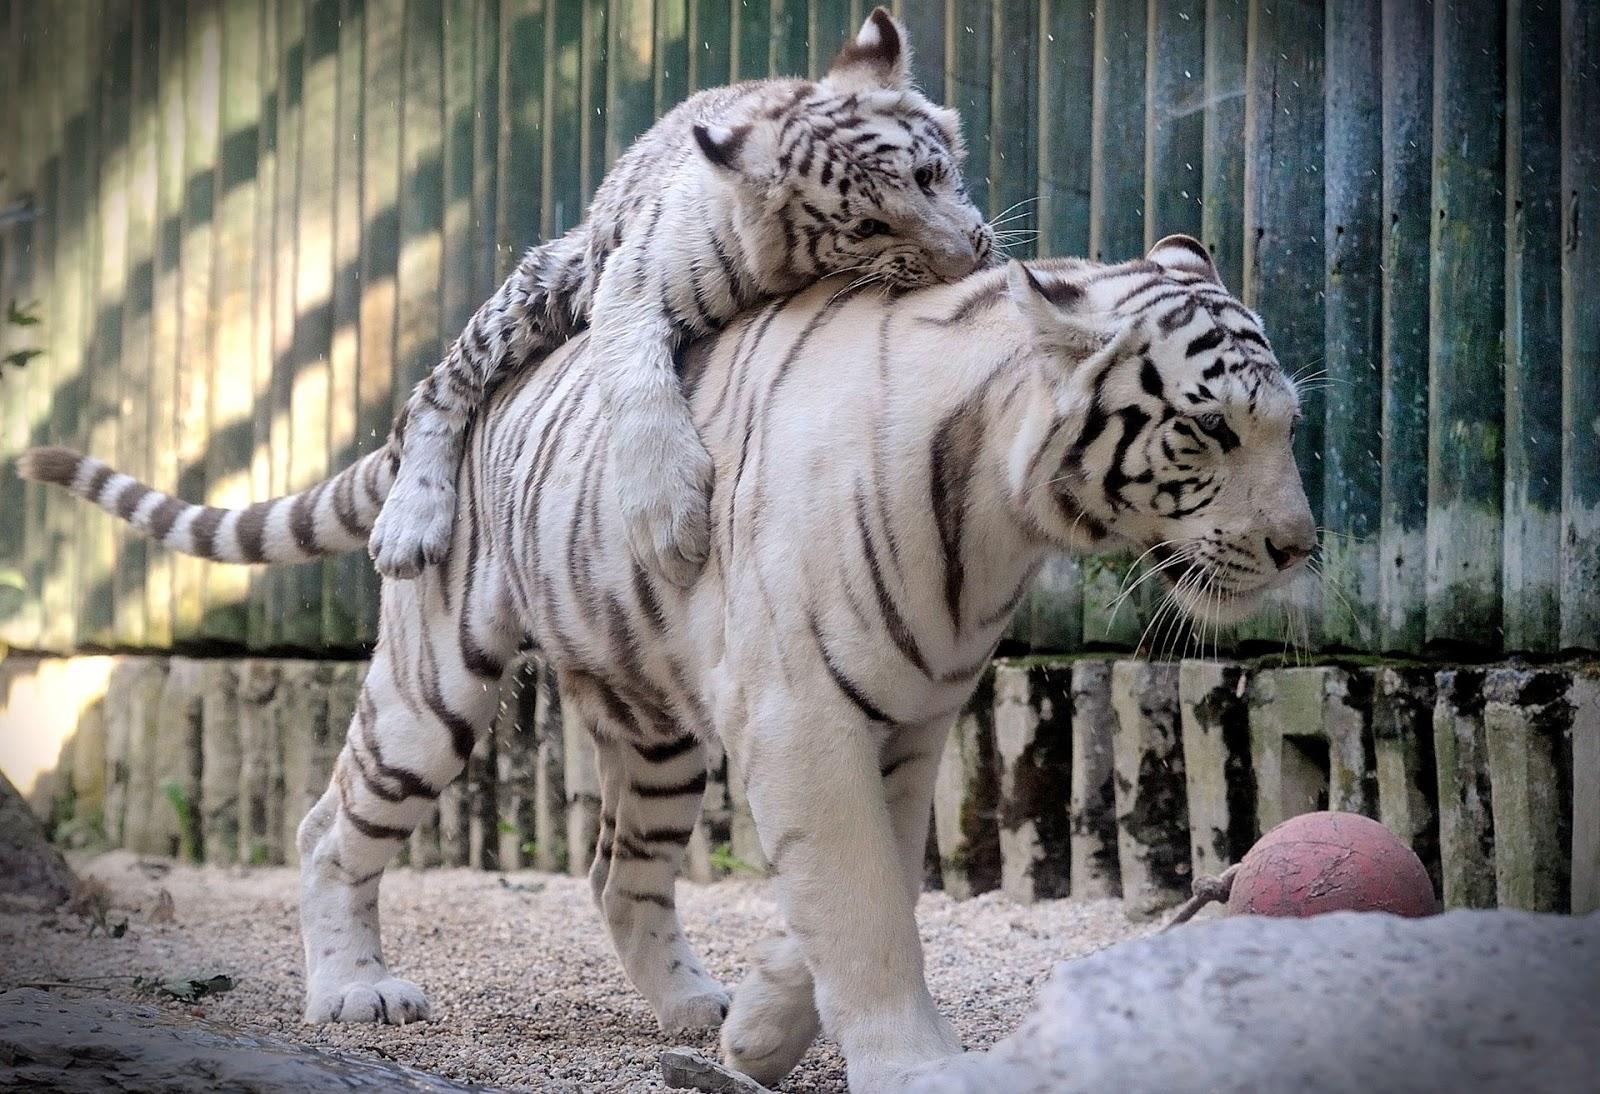 Смешная картинка зоопарка, прикольные картинки прикольные